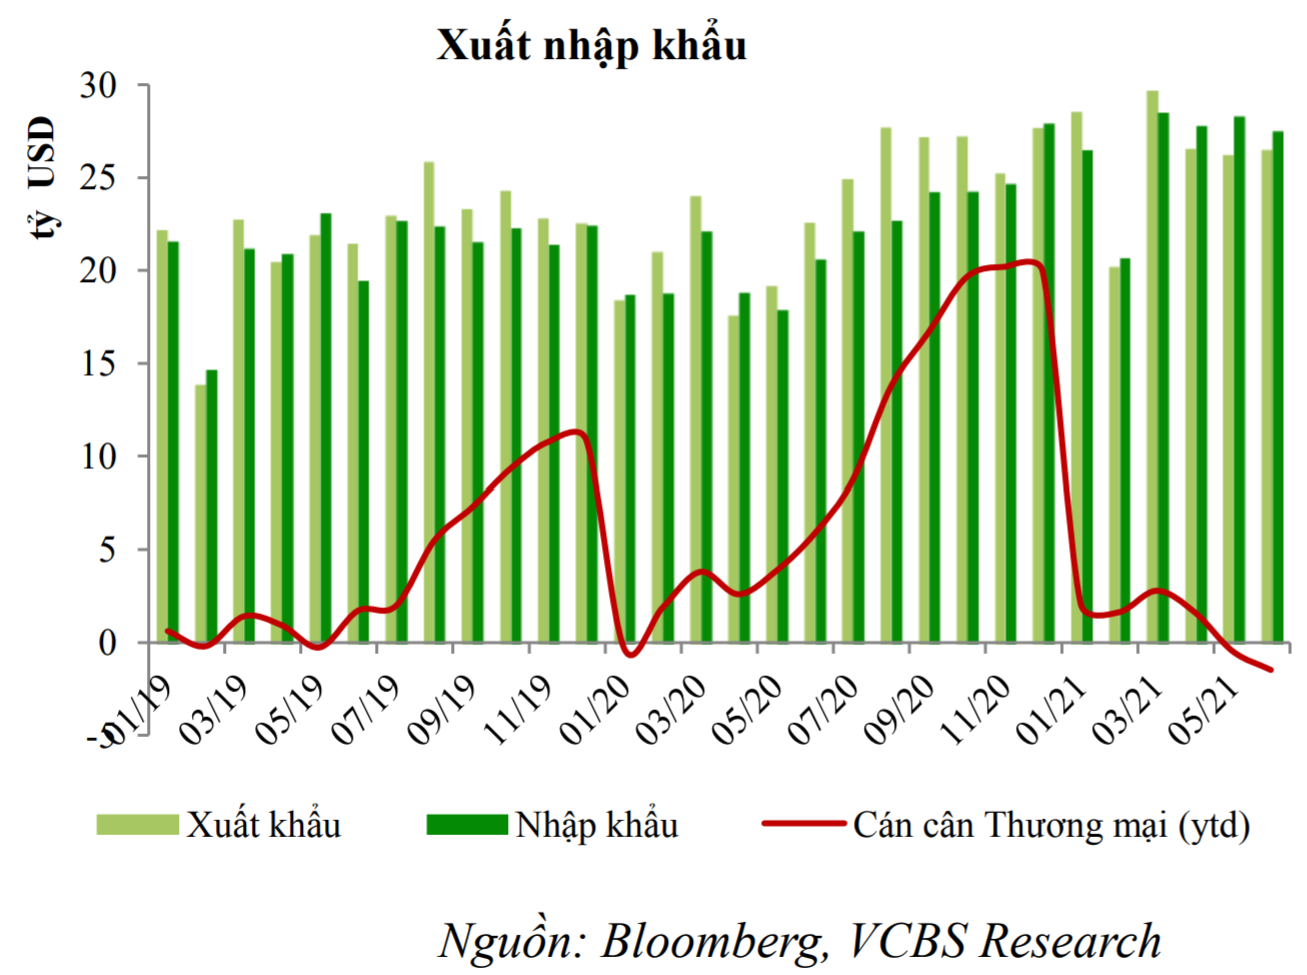 VCBS: Còn quá sớm để lo ngại về khả năng xảy ra một siêu chu kỳ hàng hóa gây áp lực lên lạm phát? - Ảnh 1.